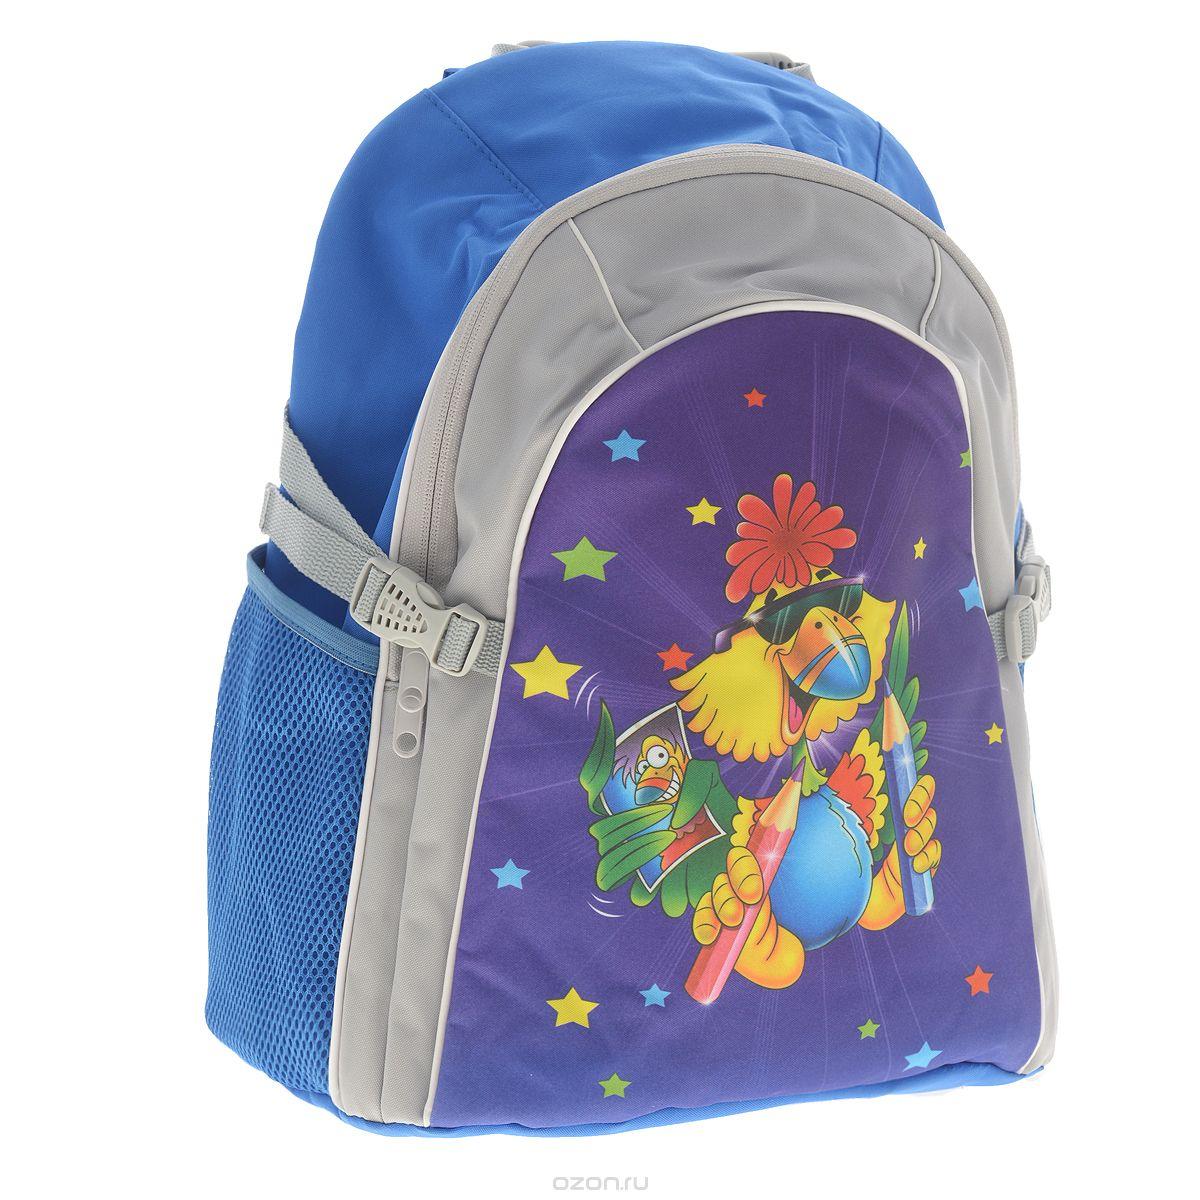 Рюкзак детский Tiger Family Joyful Birdie, цвет: синий, серый2919/TGСтильный школьный рюкзак Joyful Birdie небольшого размера - это красивый и удобный ранец, который подойдет всем, кто хочет разнообразить свои школьные будни. Благодаря анатомической спинке, повторяющей контур спины и двум эргономичным плечевым ремням, длина которых регулируется, у ребенка не возникнут проблемы с позвоночником. Ранец, выполненный из антибактериального, водоотталкивающего и не выгорающего на солнце материала, оформлен изображением забавной птички. Ранец состоит из одного основного отделения, закрывающегося на застежку-молнию. Внутри - накладной открытый карман. По бокам рюкзак имеет два сетчатых кармана. Также есть текстильная ручка, с прорезиненной вставкой, для удобной переноски и ограничители объема.